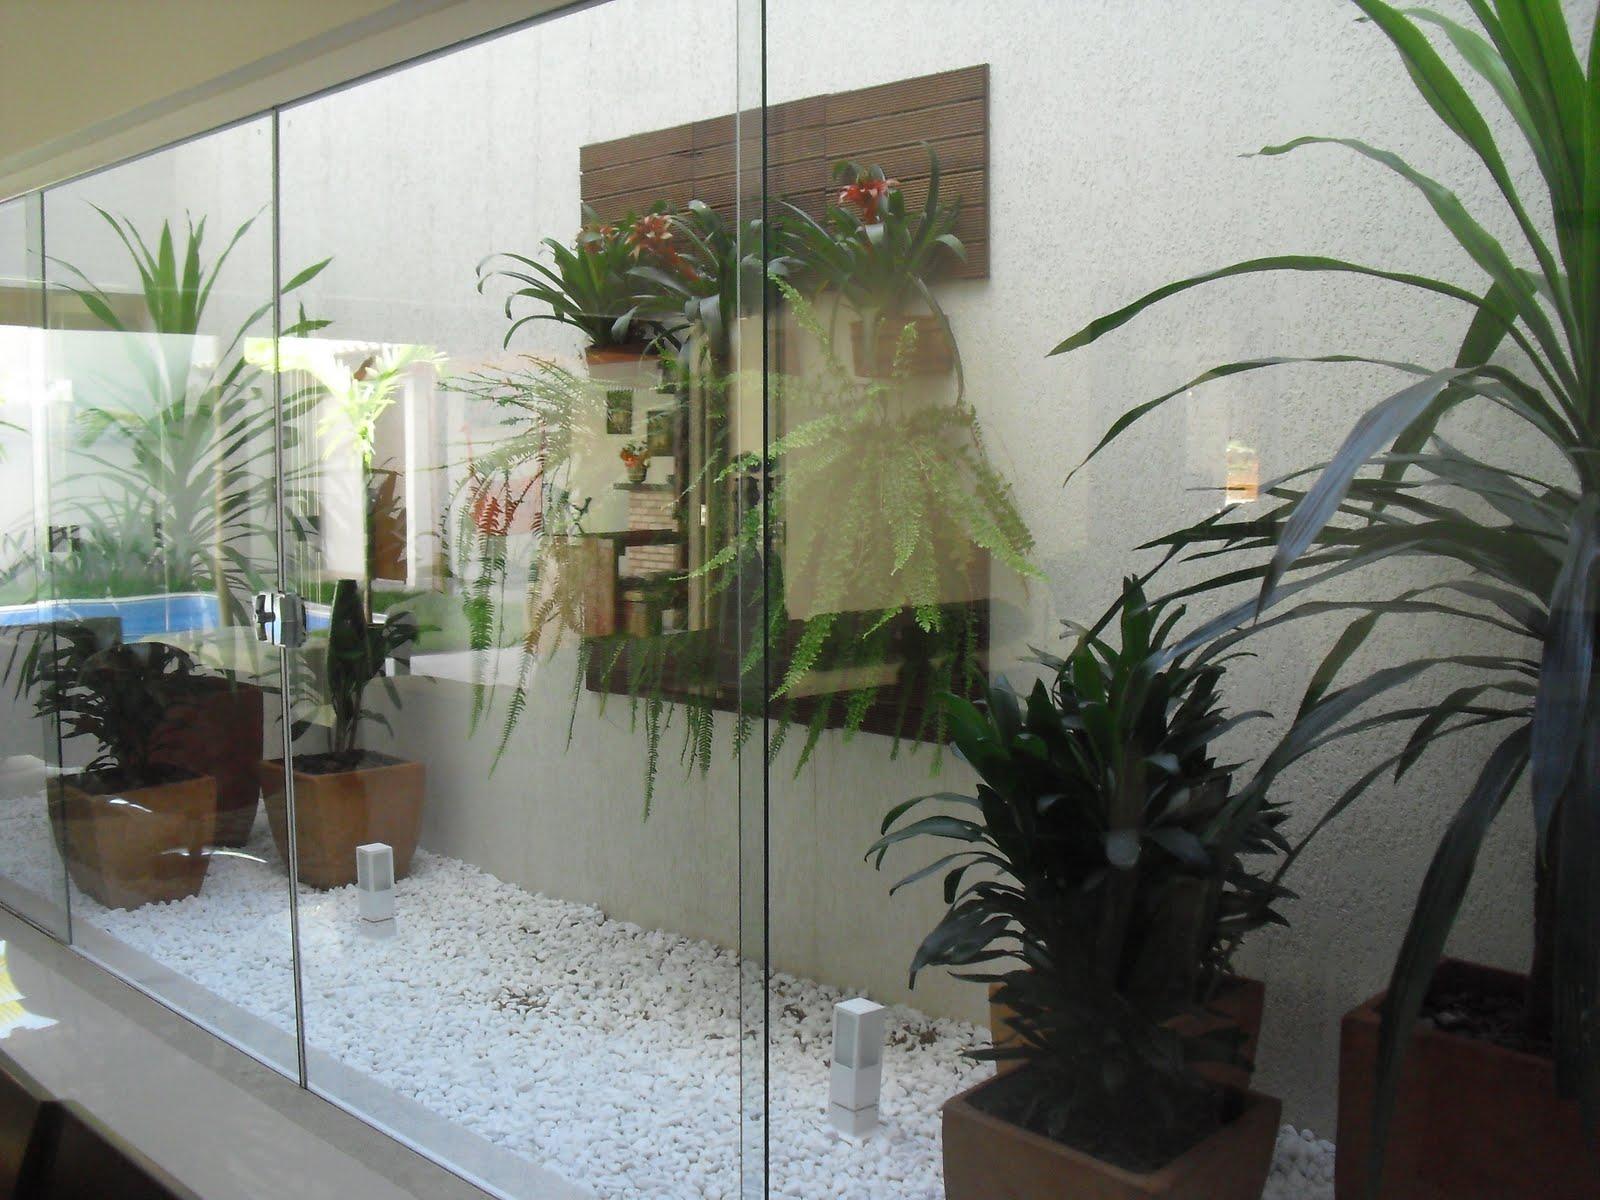 Poste connexe de decoracao para banheiro gastando pouco #495F38 1600x1200 Banheiro Com Lavabo Externo